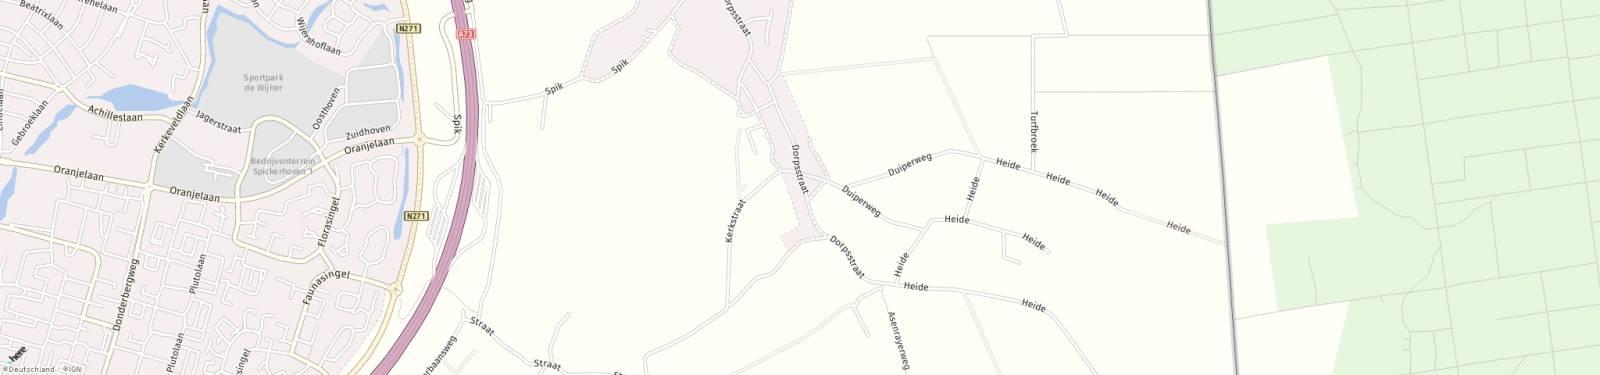 Kaart met locatie Overig Dorpsstraat